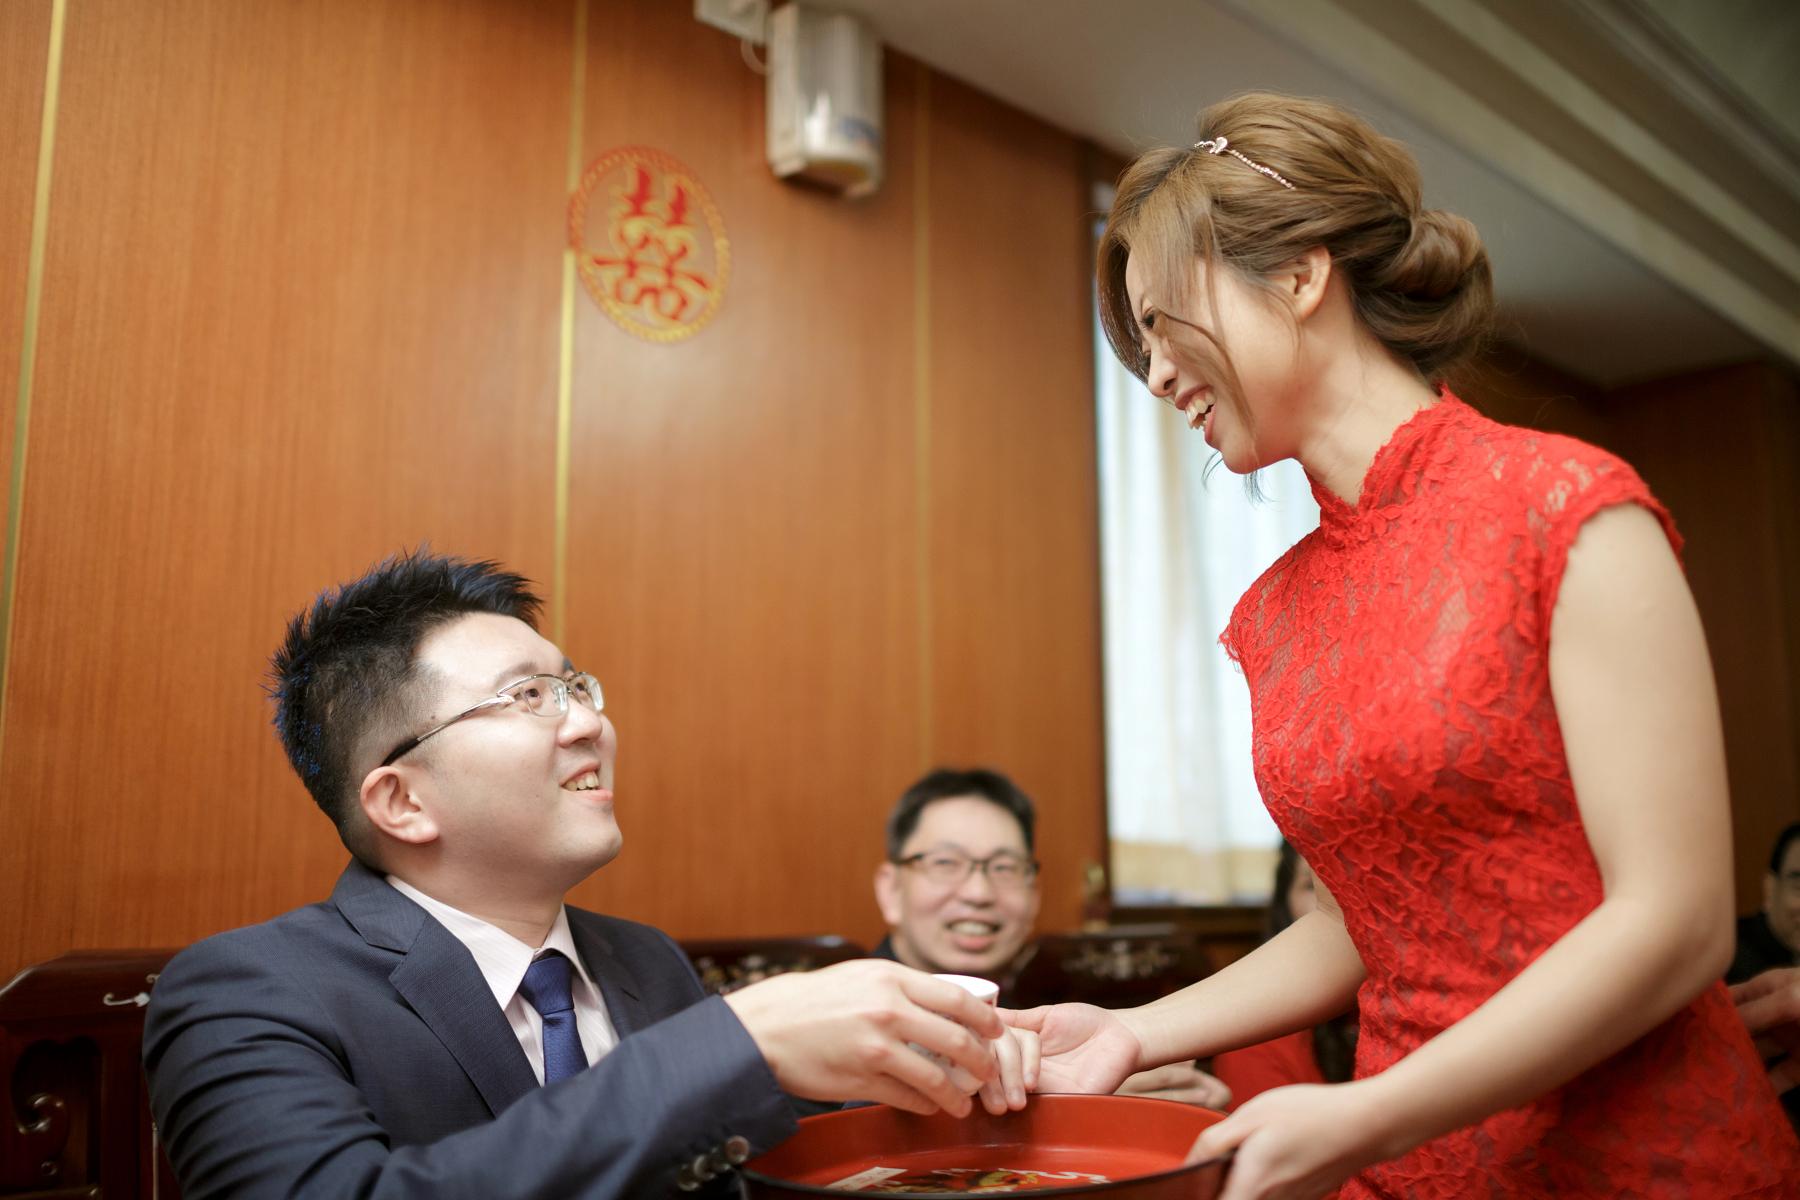 鑒宗&丹伶 Wedding